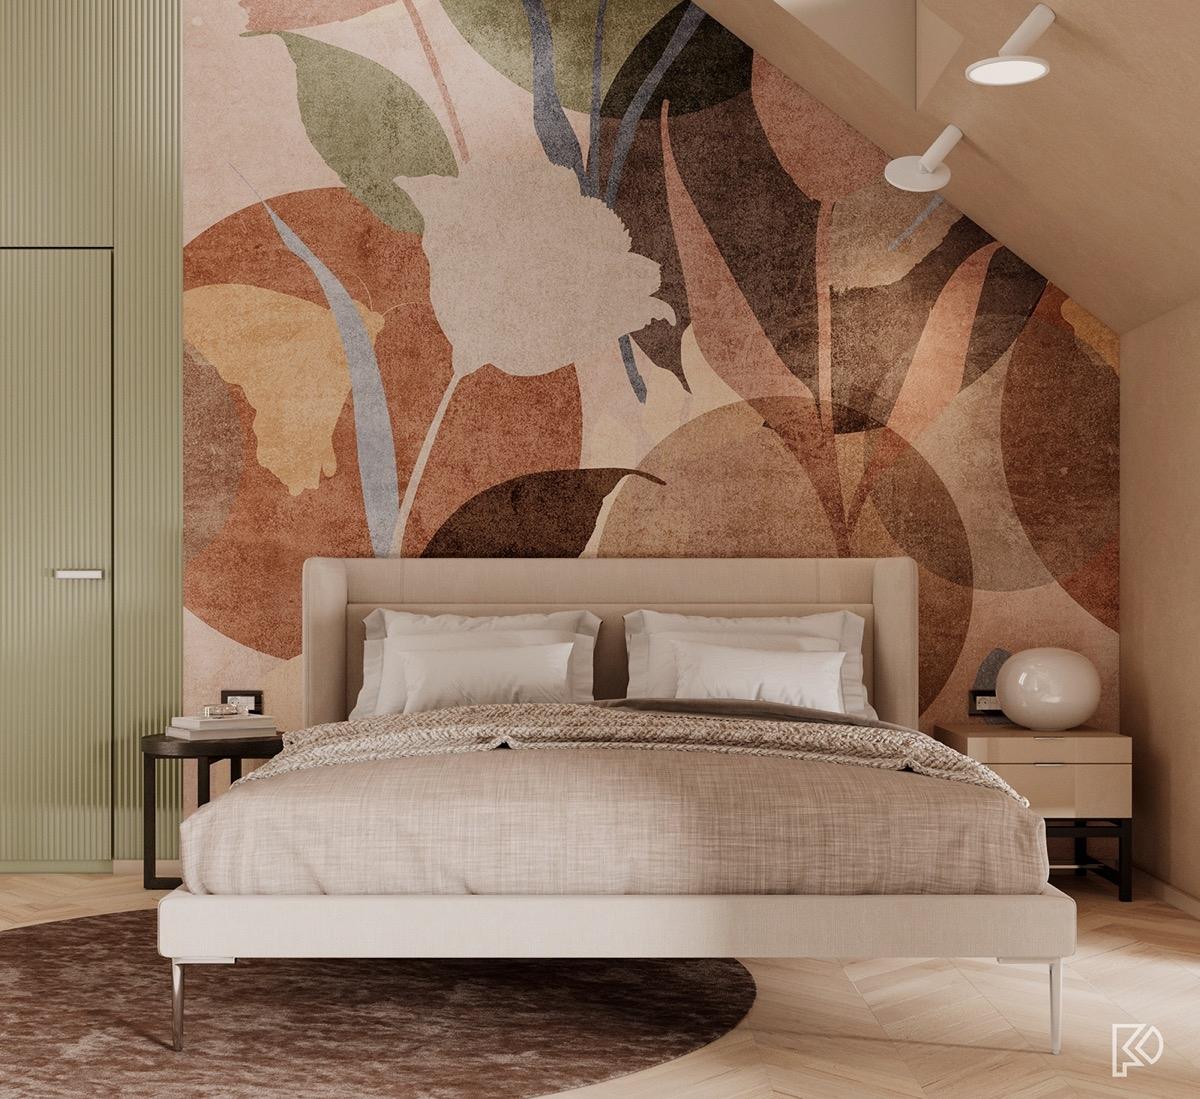 Bức tranh tường đầu phòng ngủ lạ mắt và ấn tượng.